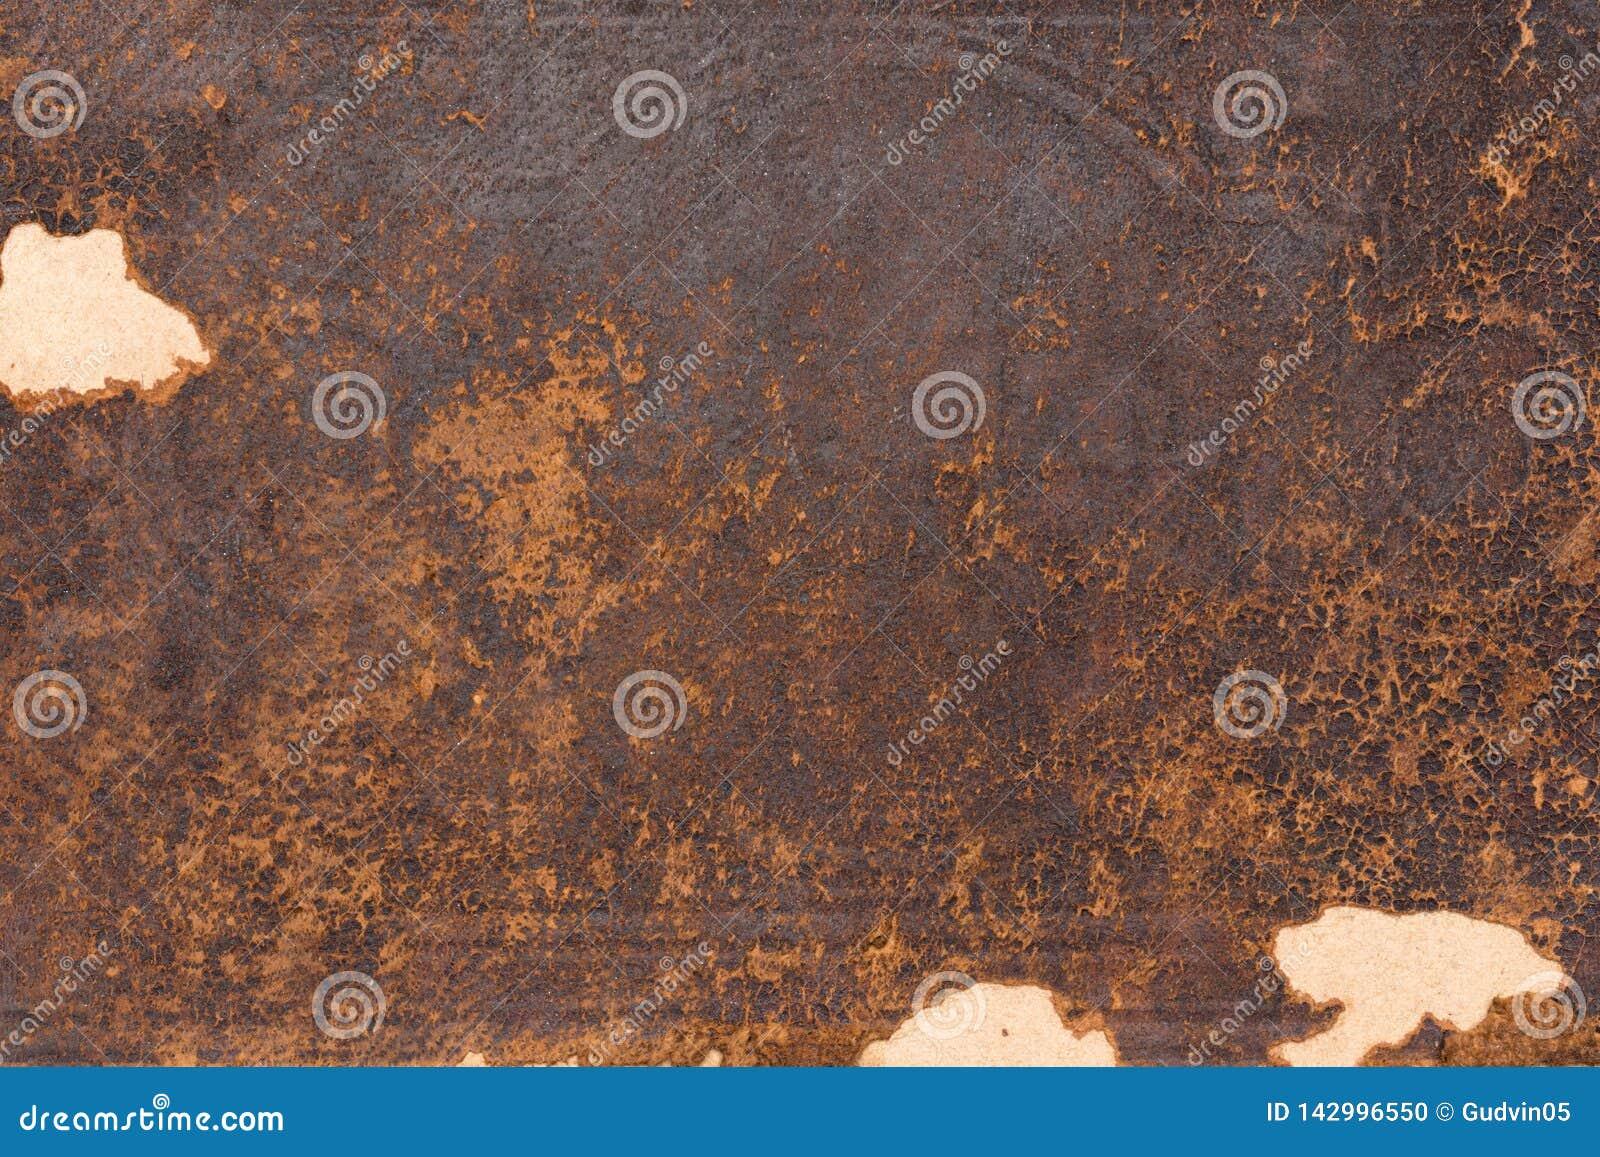 Textura de couro velha antiga do fundo tampa esfarrapada de um livro velho